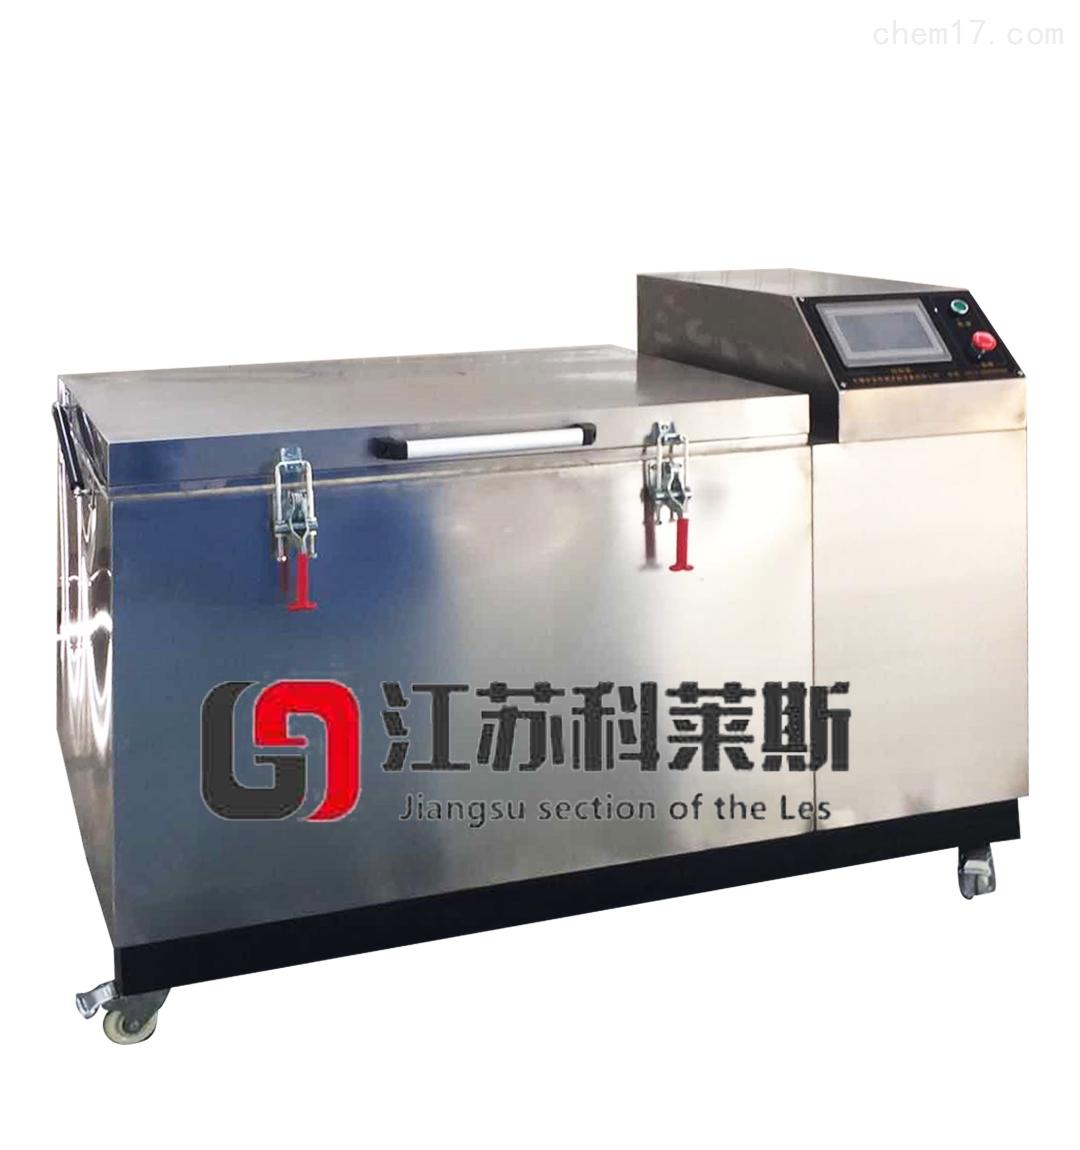 江蘇壓縮機速凍設備出售